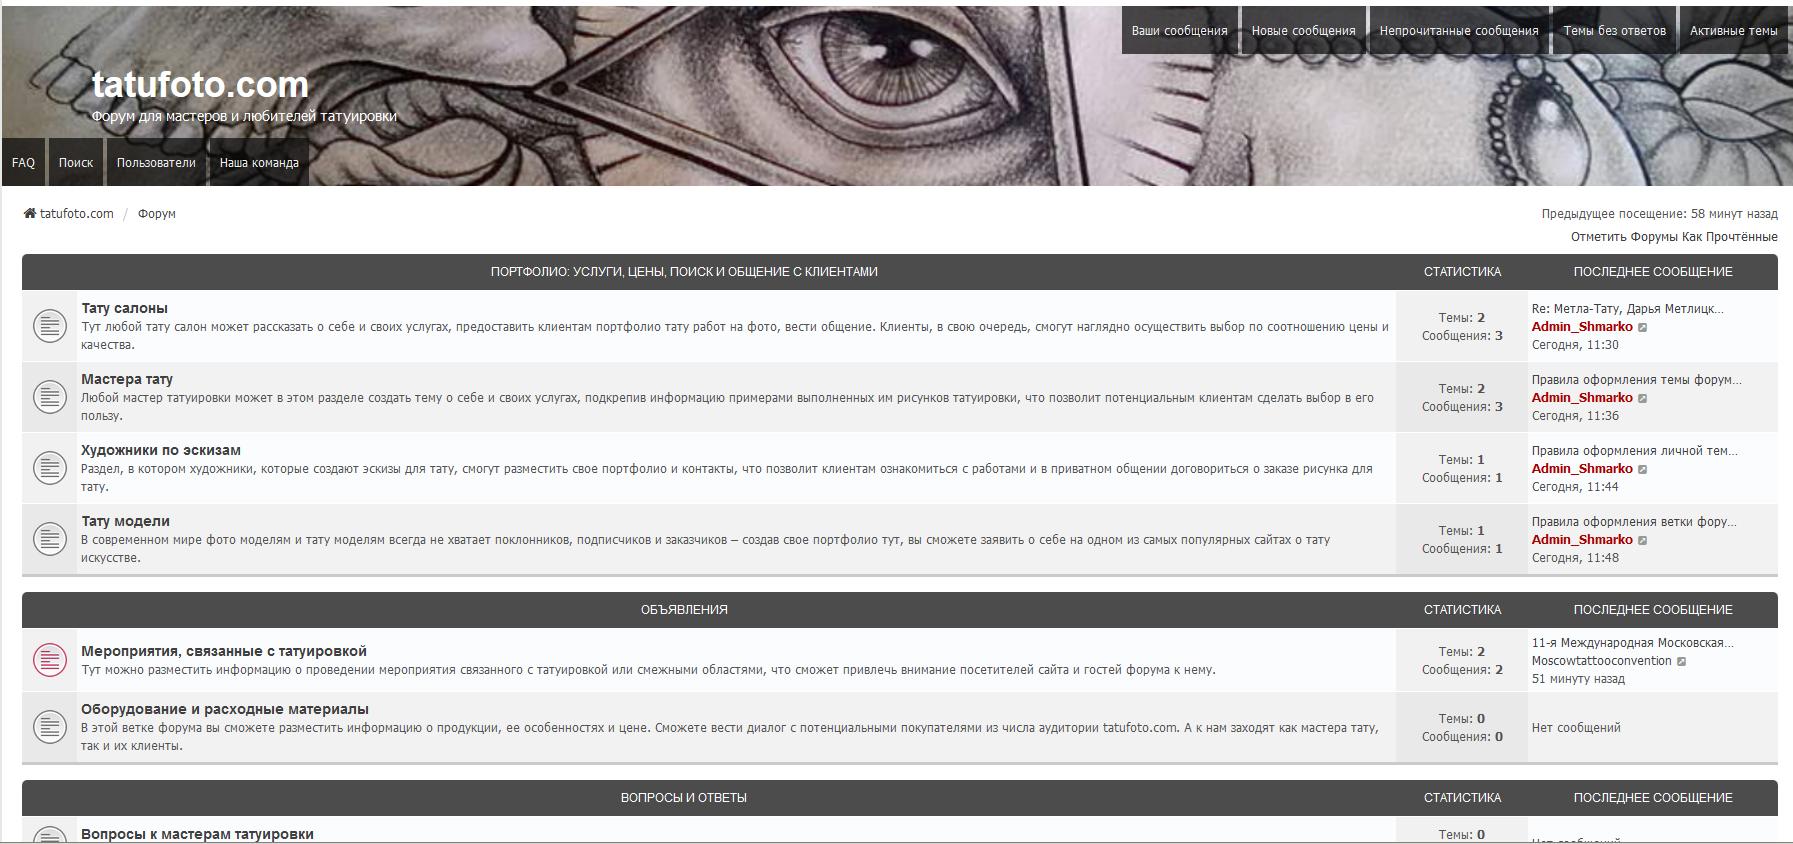 Открытие форума для тату мастеров и любителей татуировки в рамках сайта tatufoto.com